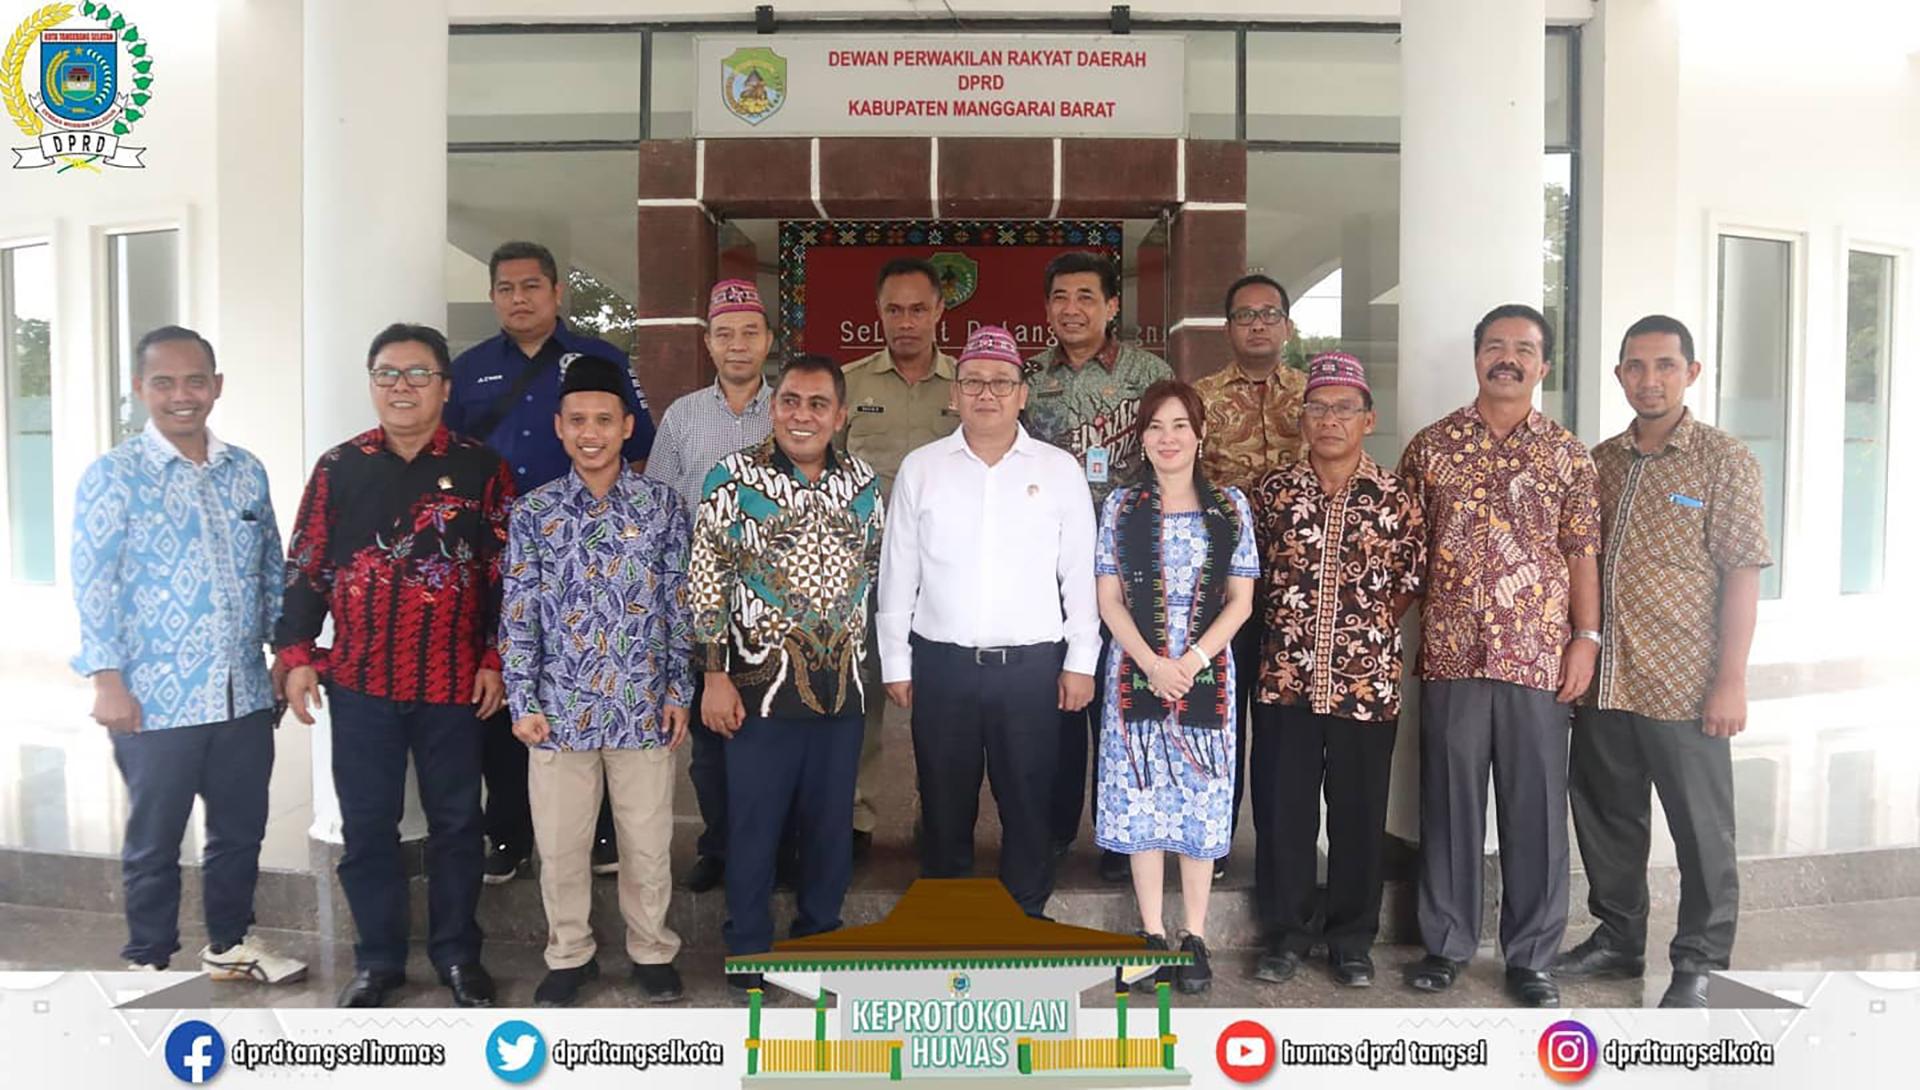 Pimpinan DPRD tangsel melakasanakan Kunker ke DPRD Manggarai Barat.